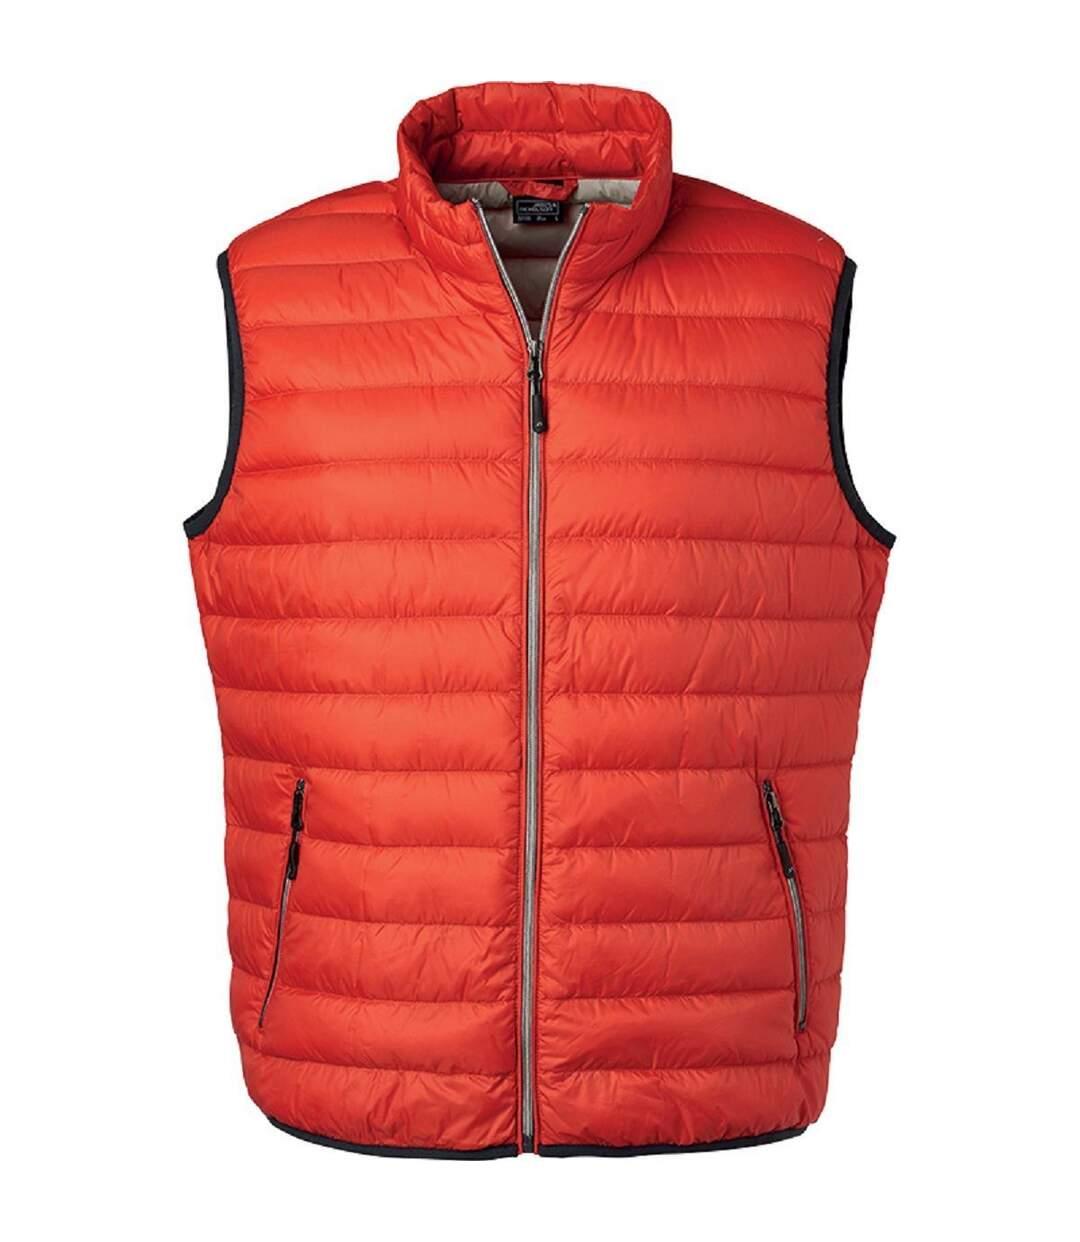 Bodywarmer duvet - JN1138 - orange - Homme